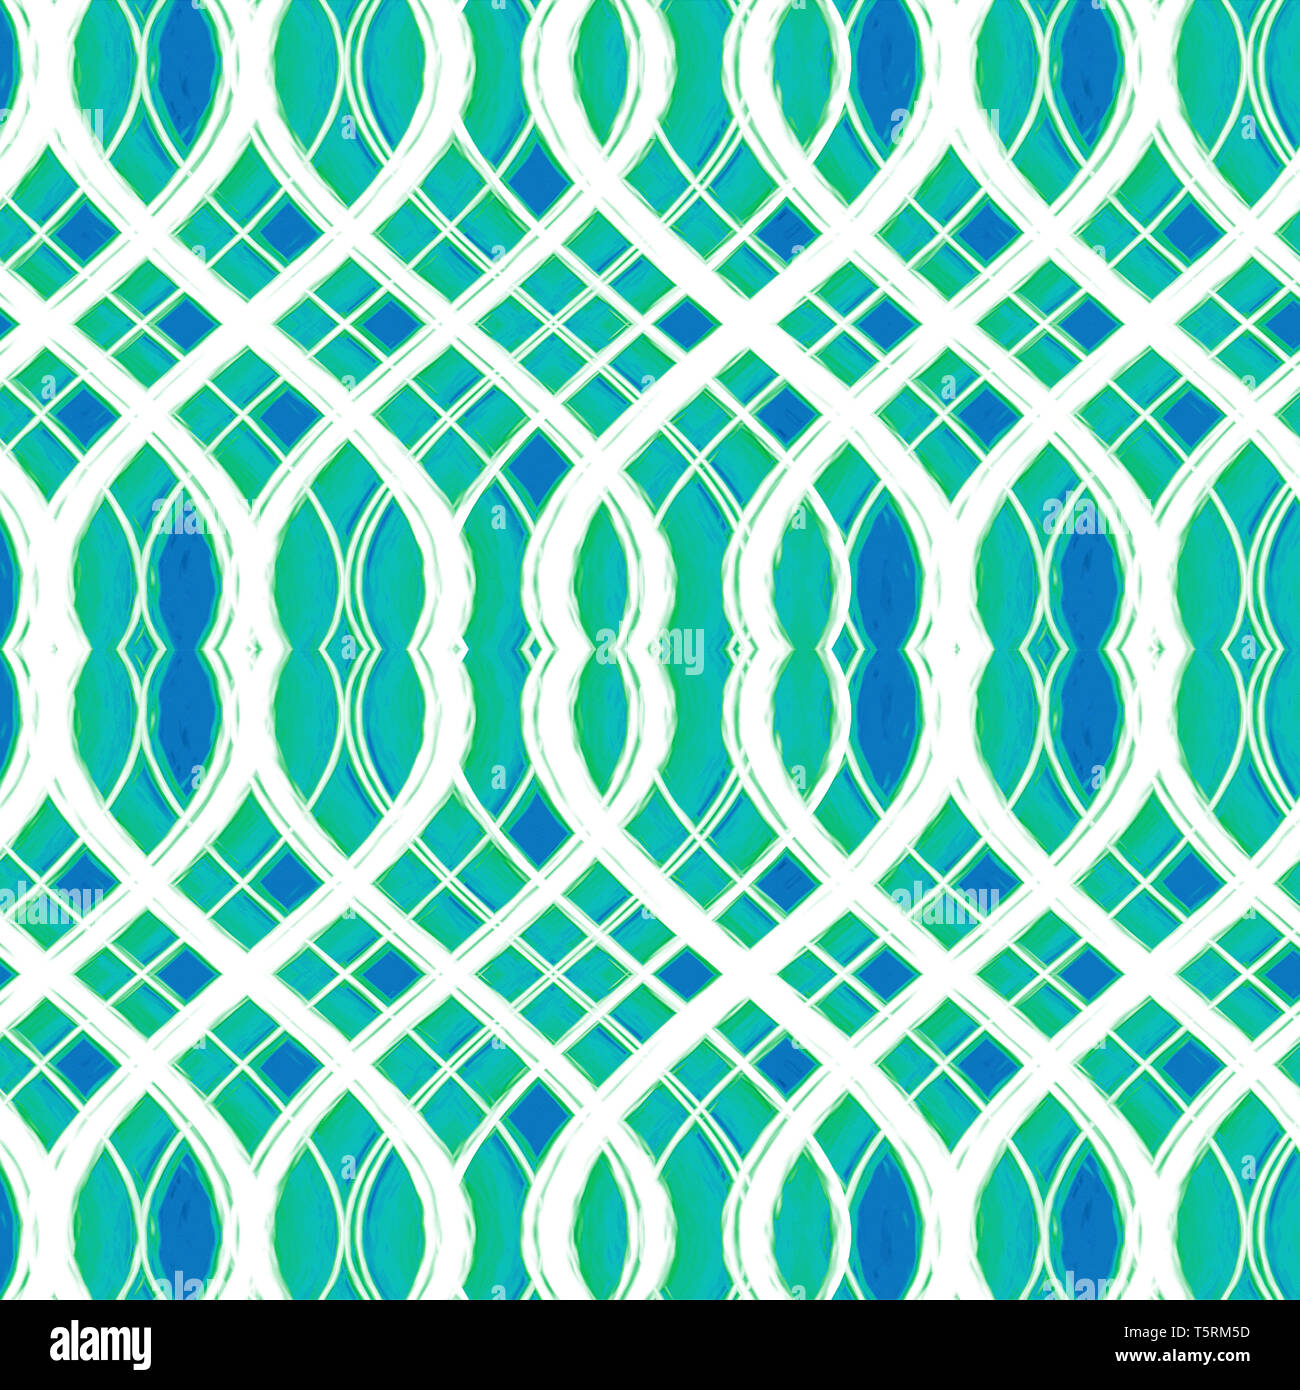 Arte digital entrelazado de estilo abstracto geométrico mosaico patrón sin fisuras en la mezcla de colores fríos pastel Imagen De Stock